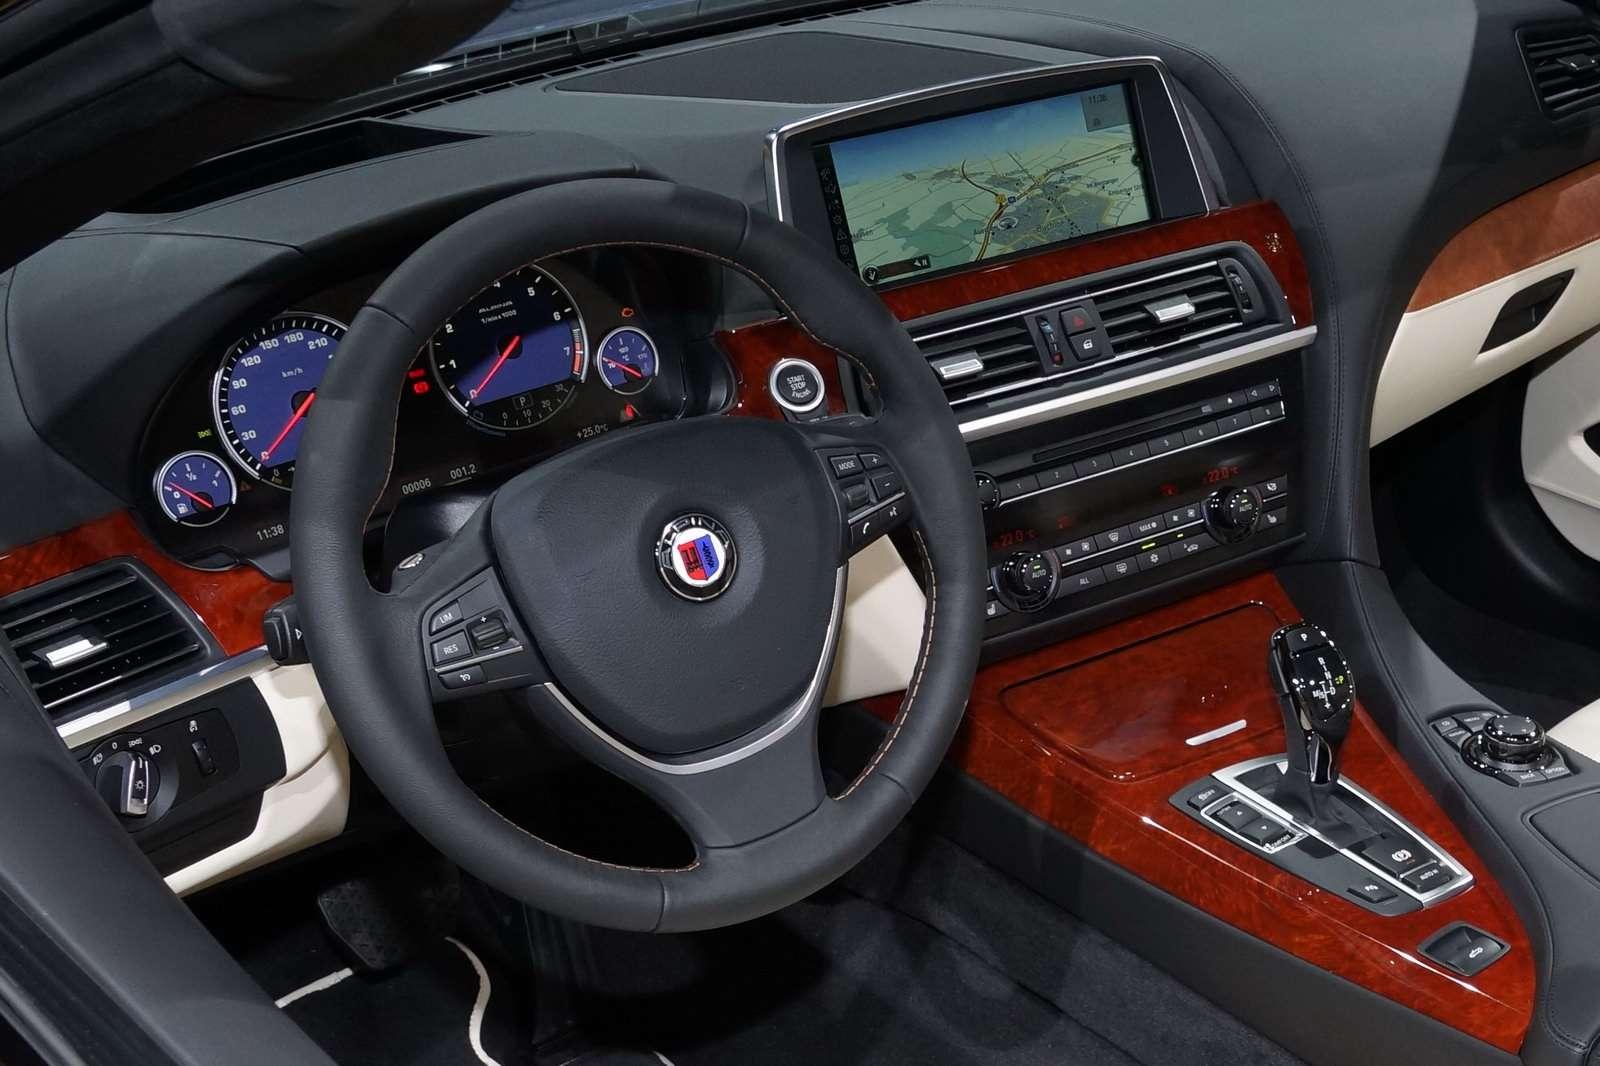 BMW B6 biturbo alpina frankfurt fot wrzesien 2011